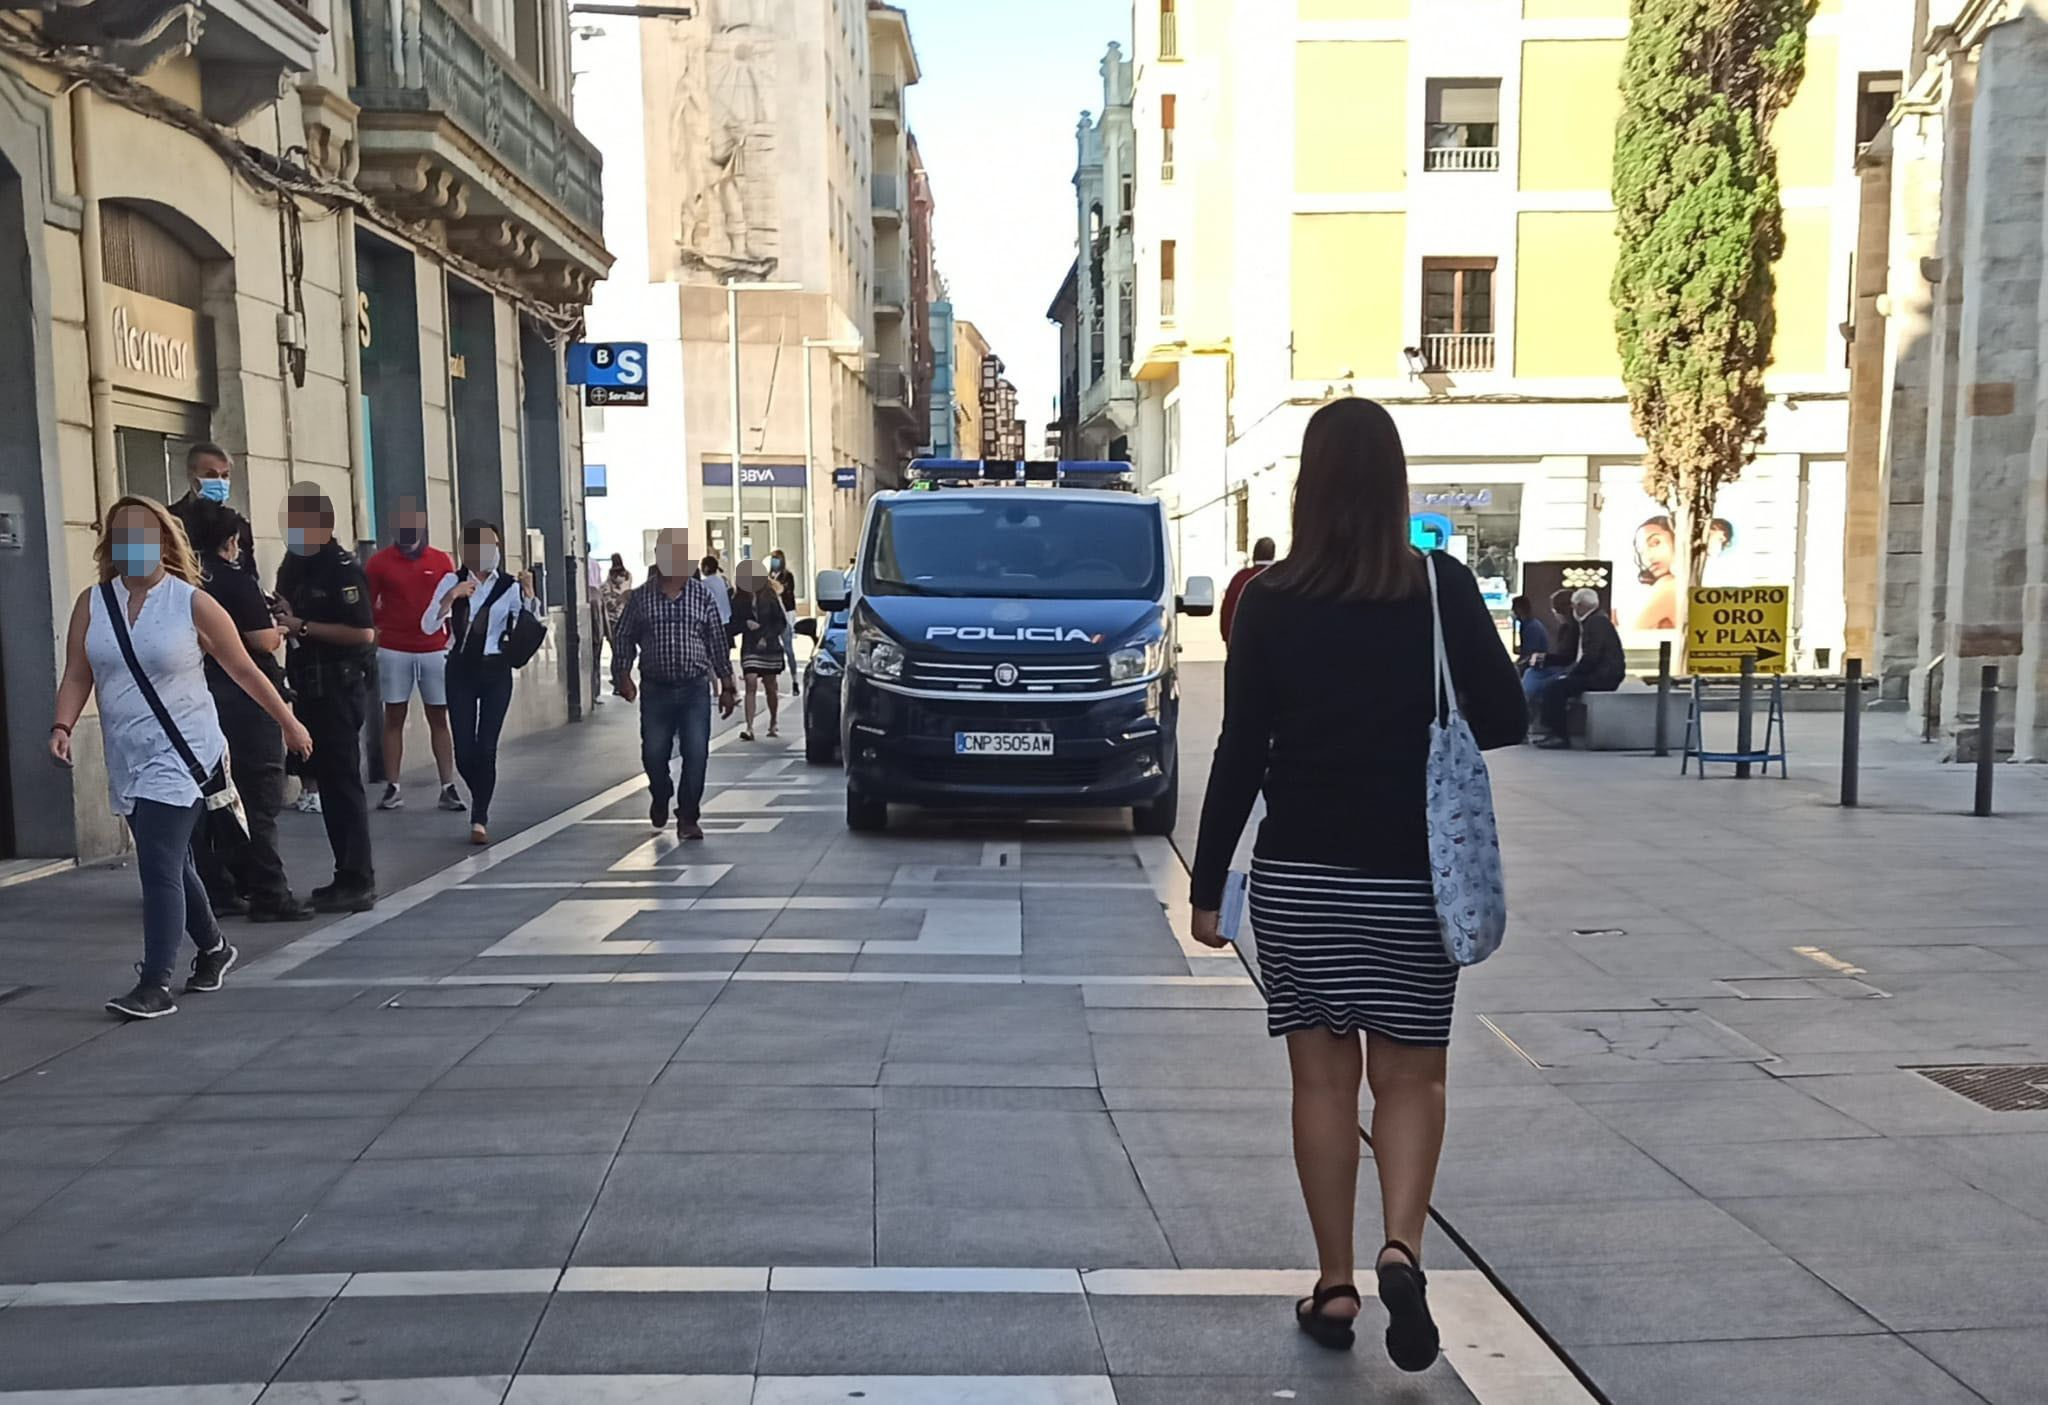 Policia nacional santa clara (1)